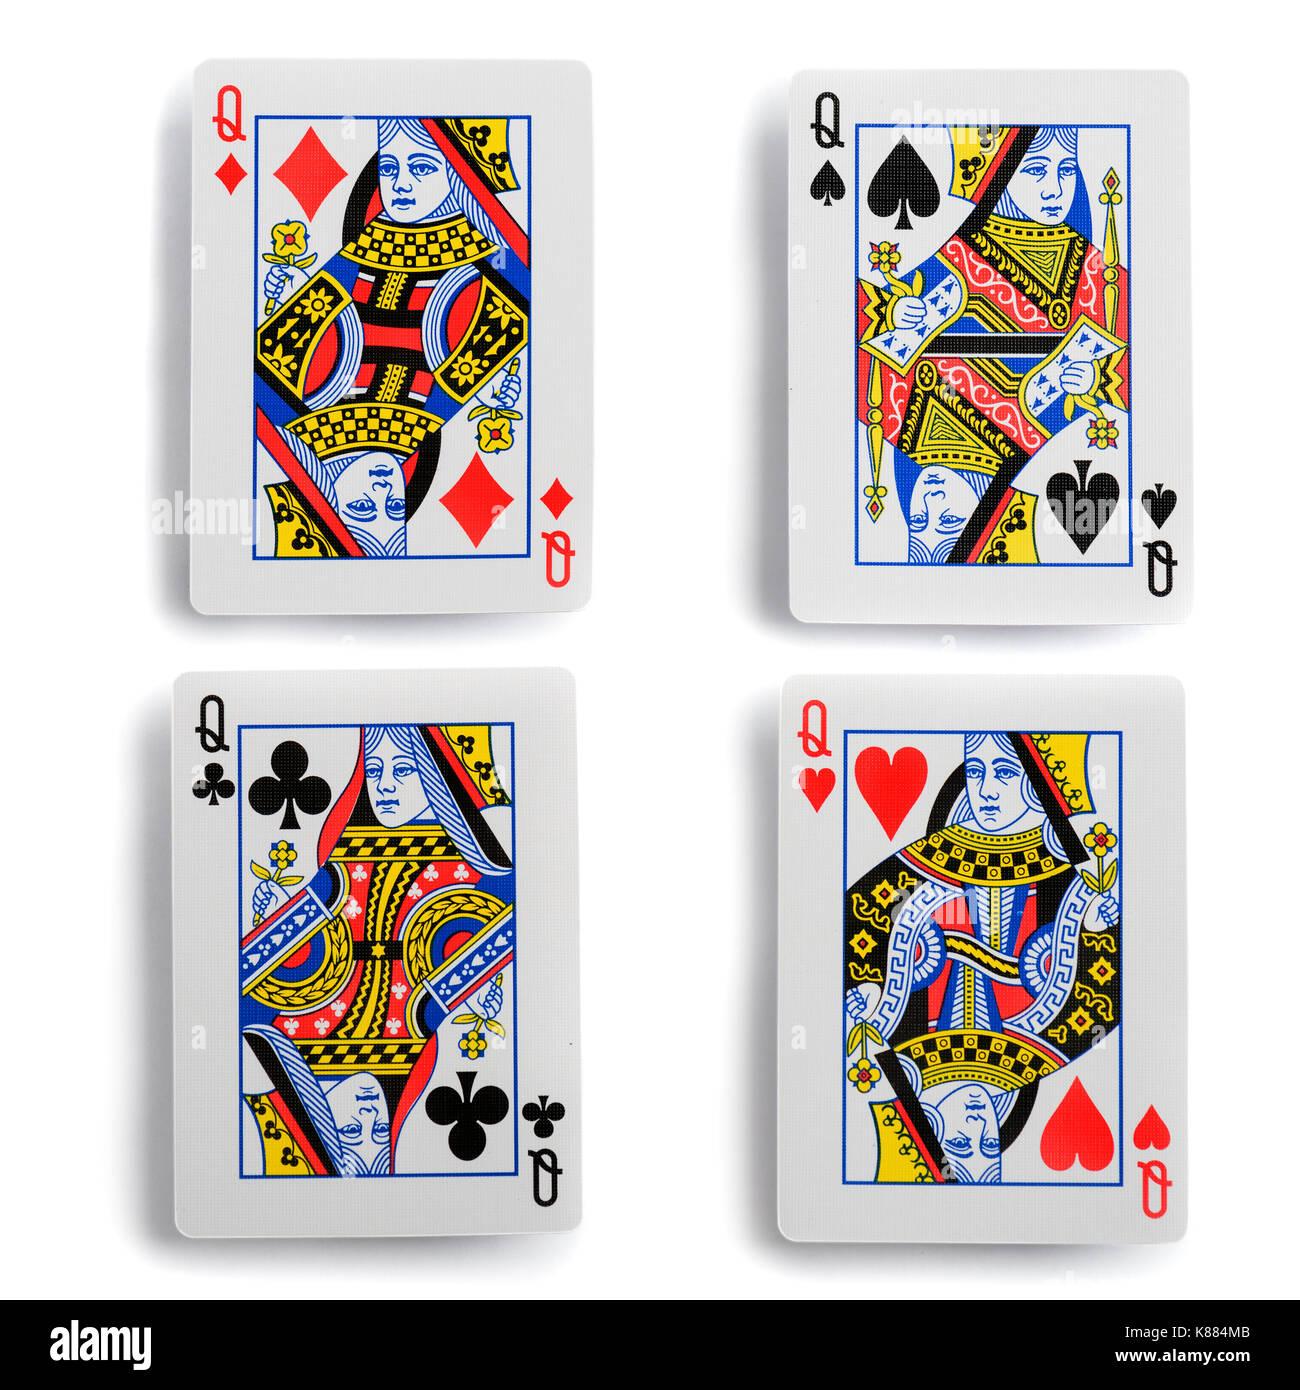 Cuatro cartas reina sobre un fondo blanco. Ruta de trabajo para facilitar copia Imagen De Stock